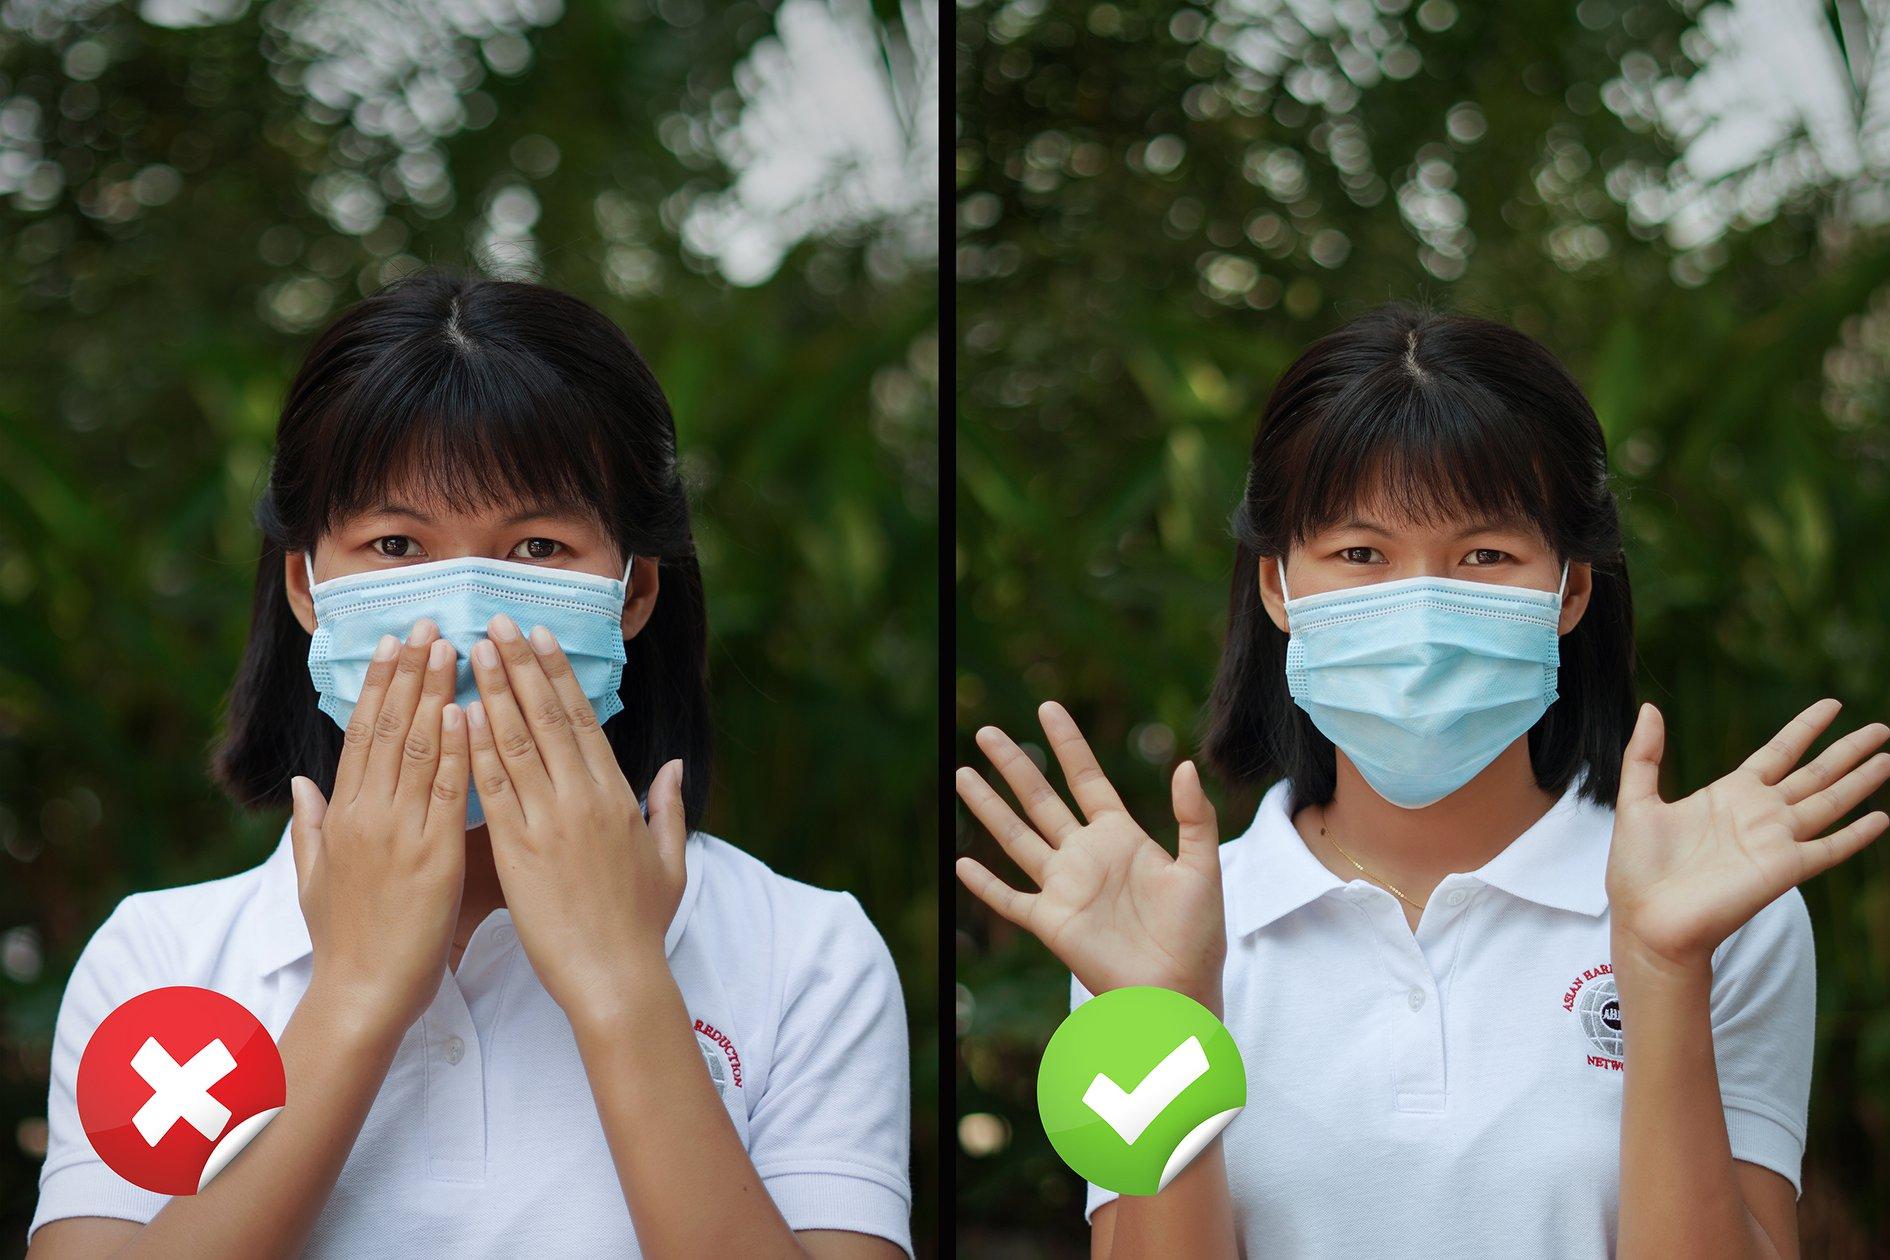 ပါးစပ်နှင့် နှာခေါင်းစည်းကို လက်ဖြင့် မကြာခဏ ကိုင်တွယ်ခြင်း မပြုရ။